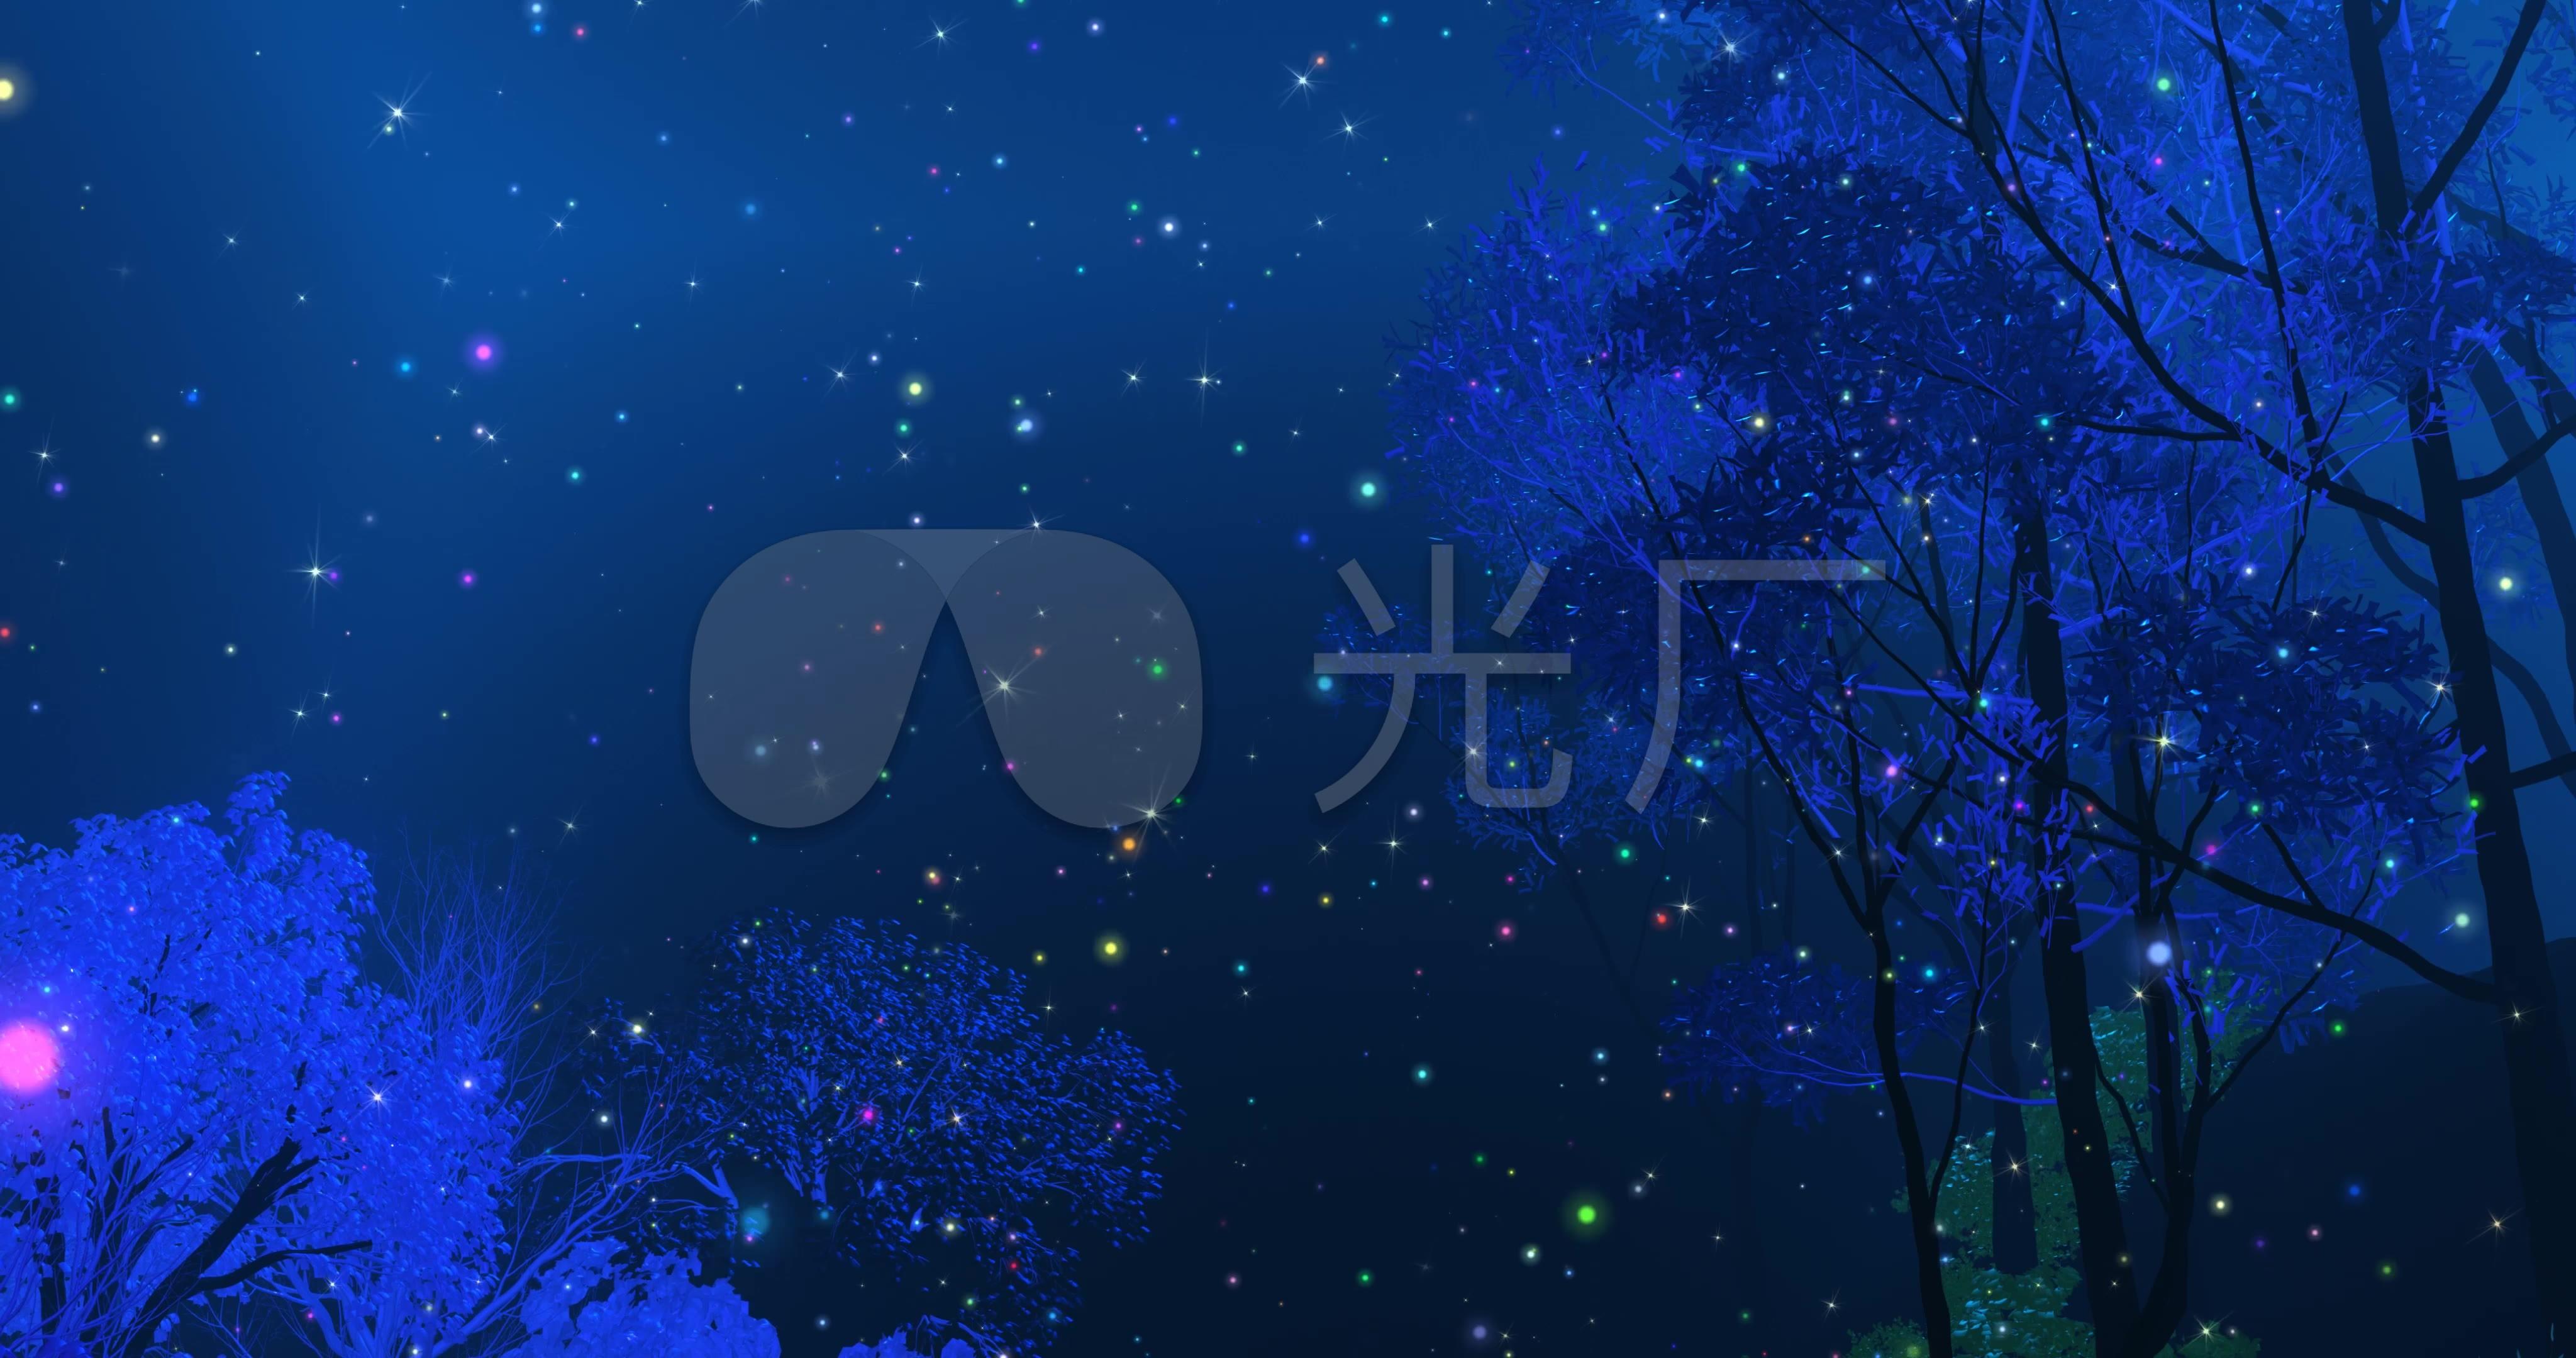 4k梦幻夜景森林深处led背景图片